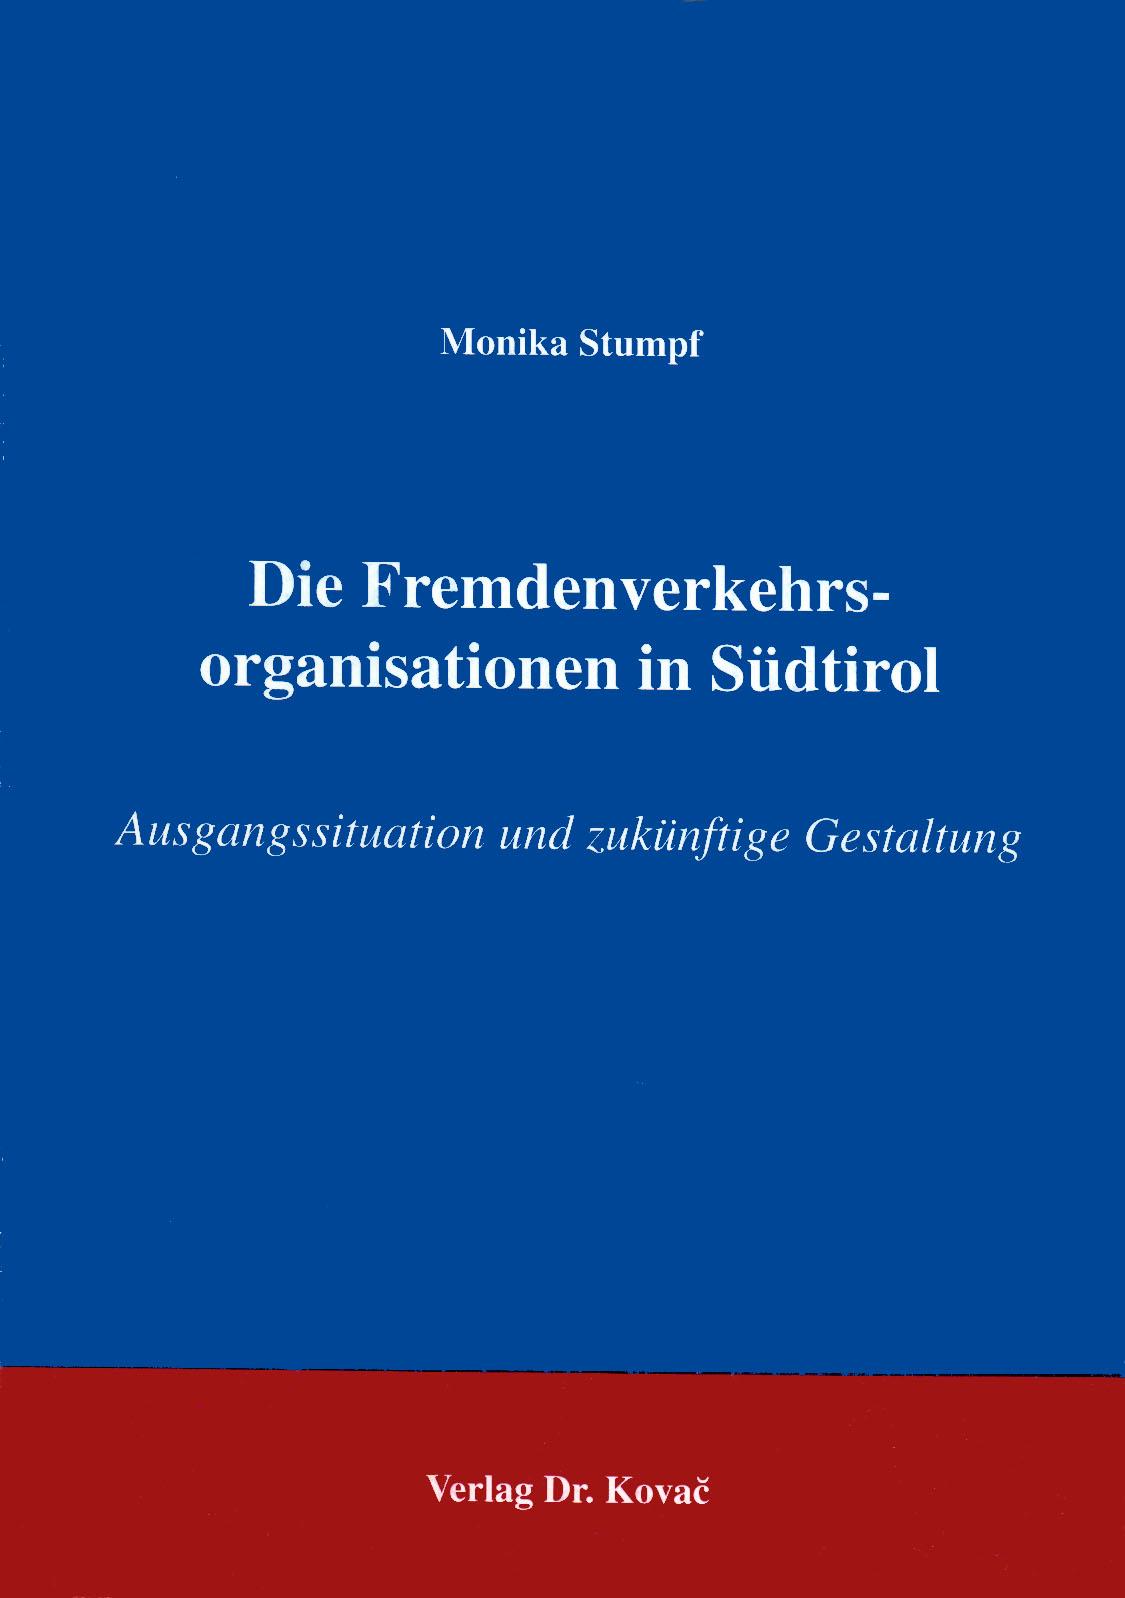 Cover: Die Fremdenverkehrsorganisationen in Südtirol